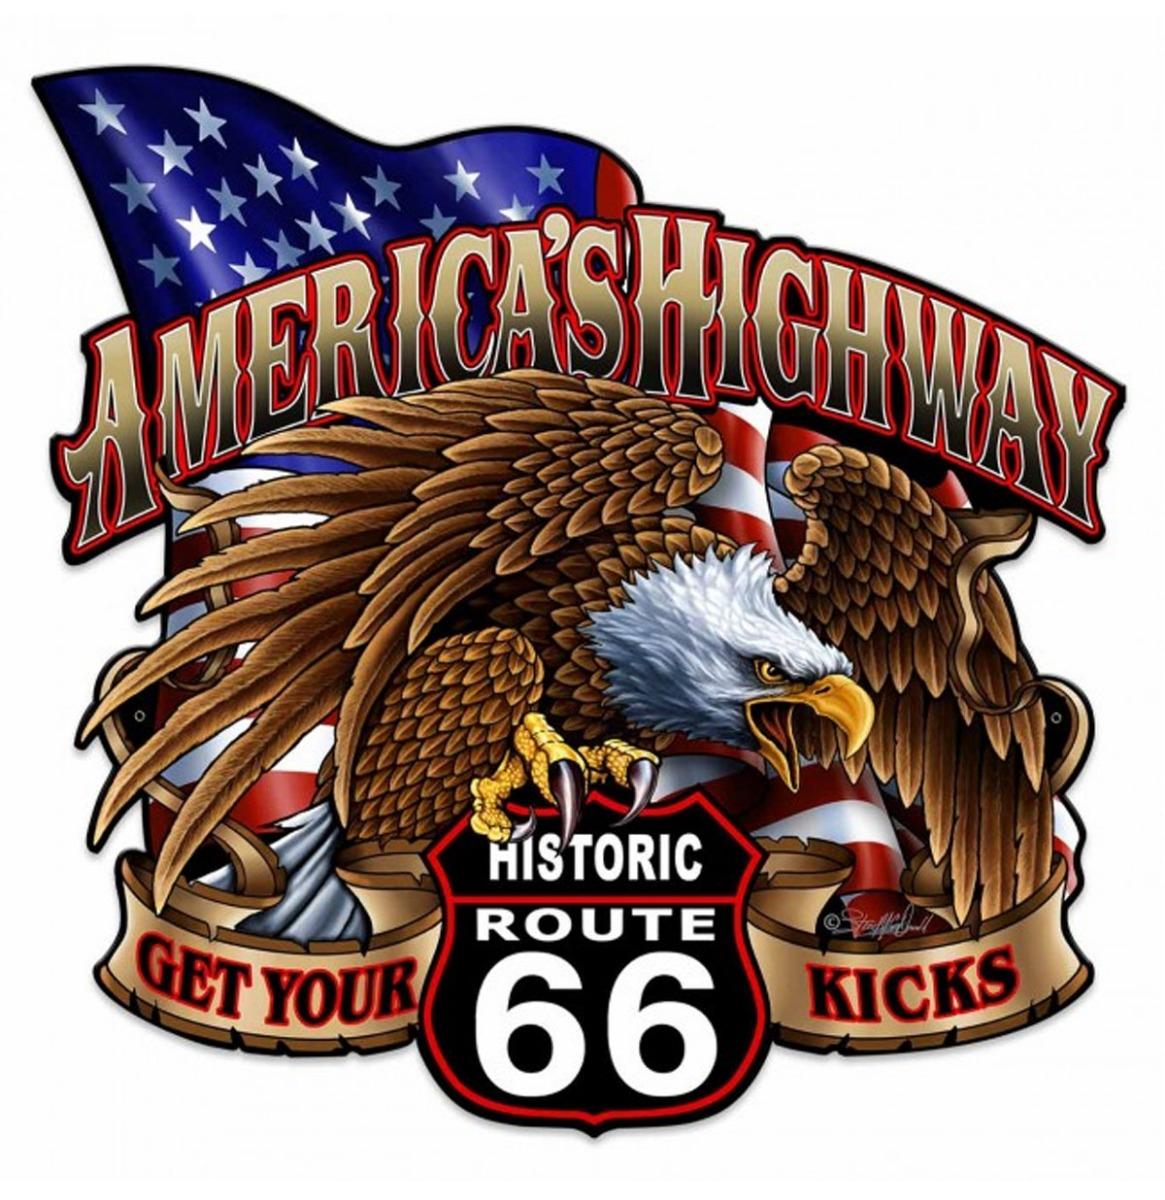 America's Highway Historic Route 66 Zwaar Metalen Bord 61 x 61 cm